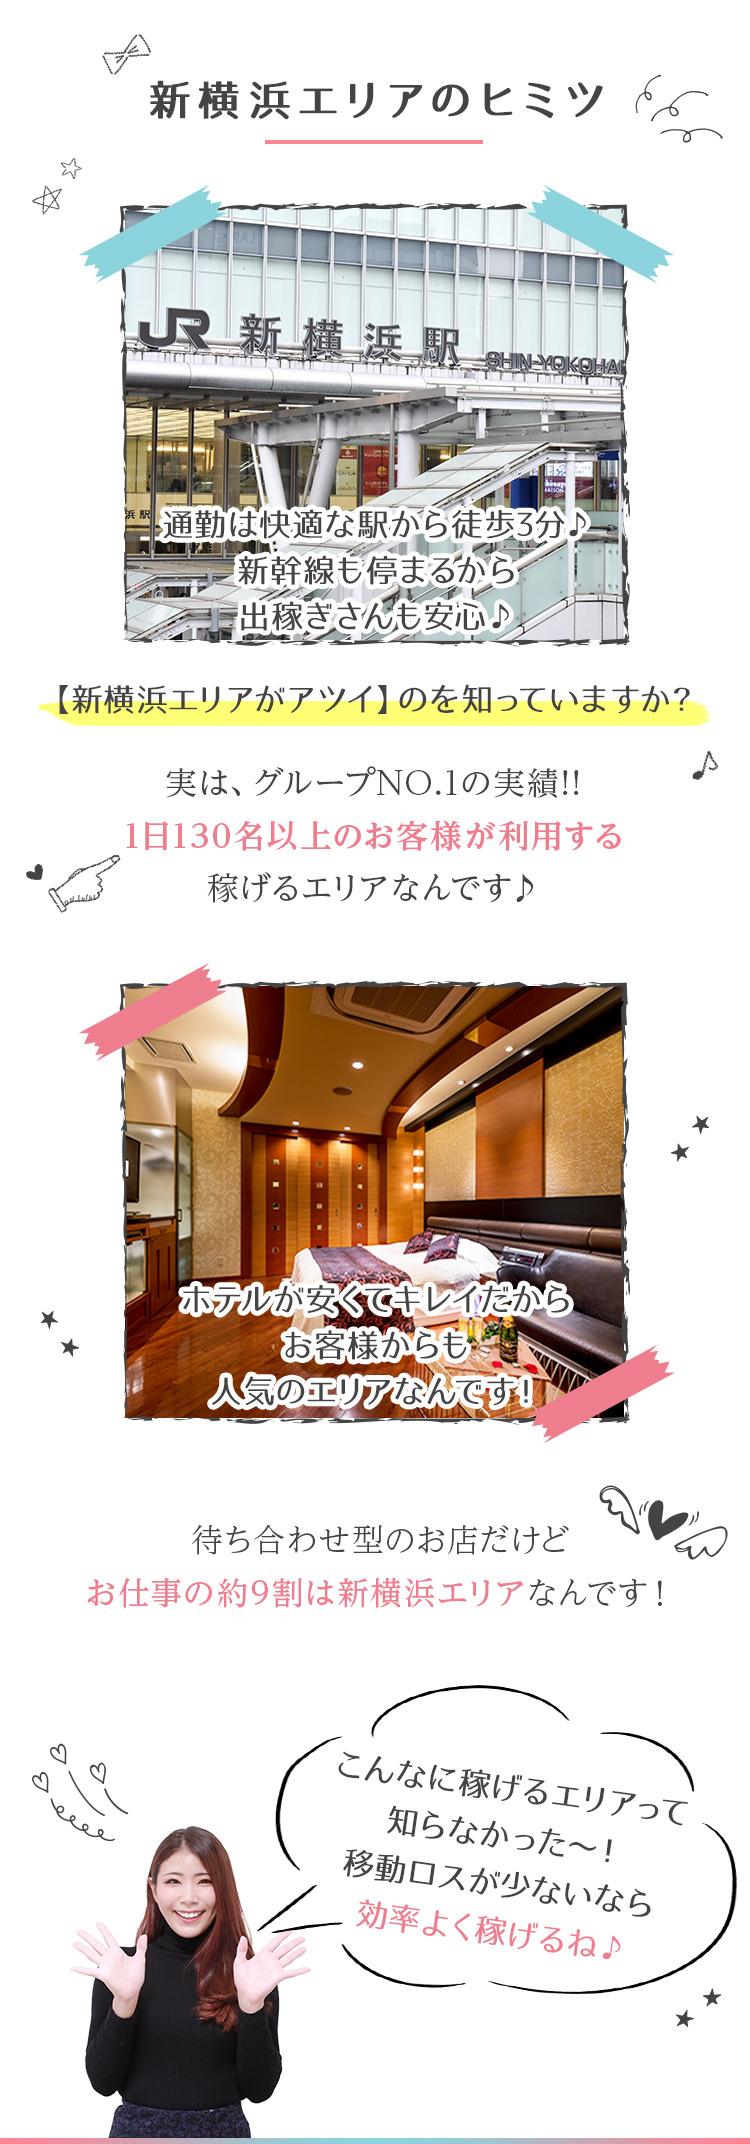 200701_shiro_sec09.jpg